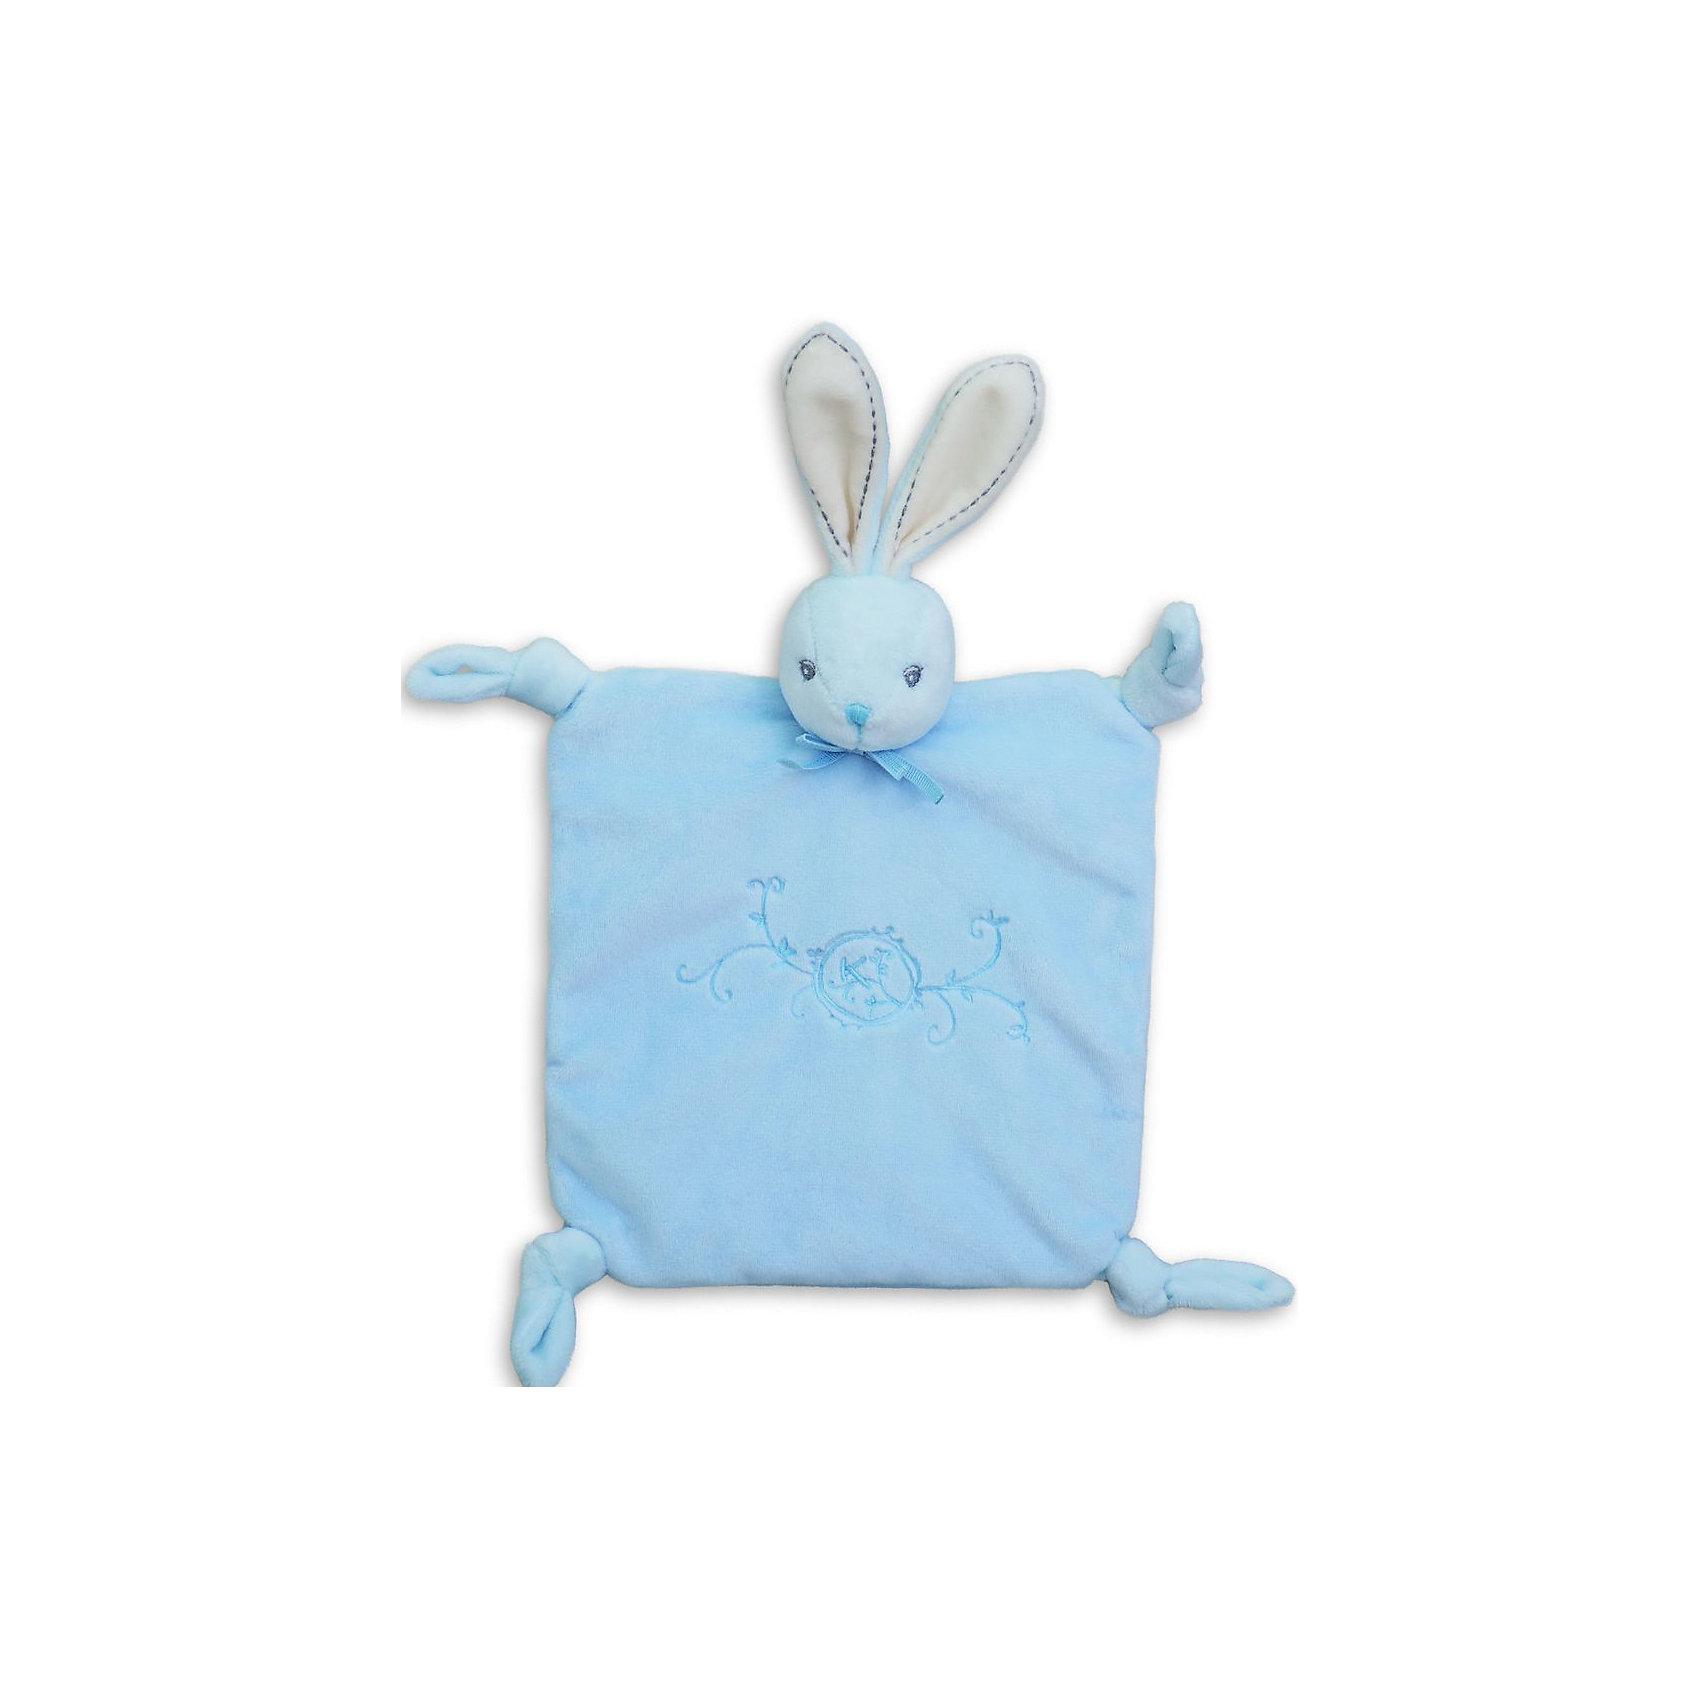 Заяц комфортер с узелками голубой, коллекция Жемчуг, KalooКомфортеры<br>Мягкая игрушка-комфортер зайчонок Kaloo выполнена в уникальном стиле, позволит малышу сладко и комфортно уснуть, и станет защитником от плохих сновидений и детских страхов.<br>Зайчонок сделан из мягкой ткани, она приятна при прикосновении к телу, ребенку будет приятно держать ее в руках, и прижимать к себе.<br><br>Дополнительная информация:<br><br>-Материал: ткань, искусственный мех<br>-Размер игрушки: 20х20 см<br>-Вес: 0.3 кг<br>-Размер упаковки: диаметр 18.5 см<br><br>Зайца комфортер с узелками голубого цвета, коллекции Жемчуг, Kaloo можно купить в нашем интернет-магазине.<br><br>Ширина мм: 208<br>Глубина мм: 18<br>Высота мм: 280<br>Вес г: 400<br>Возраст от месяцев: 0<br>Возраст до месяцев: 1188<br>Пол: Унисекс<br>Возраст: Детский<br>SKU: 4862337